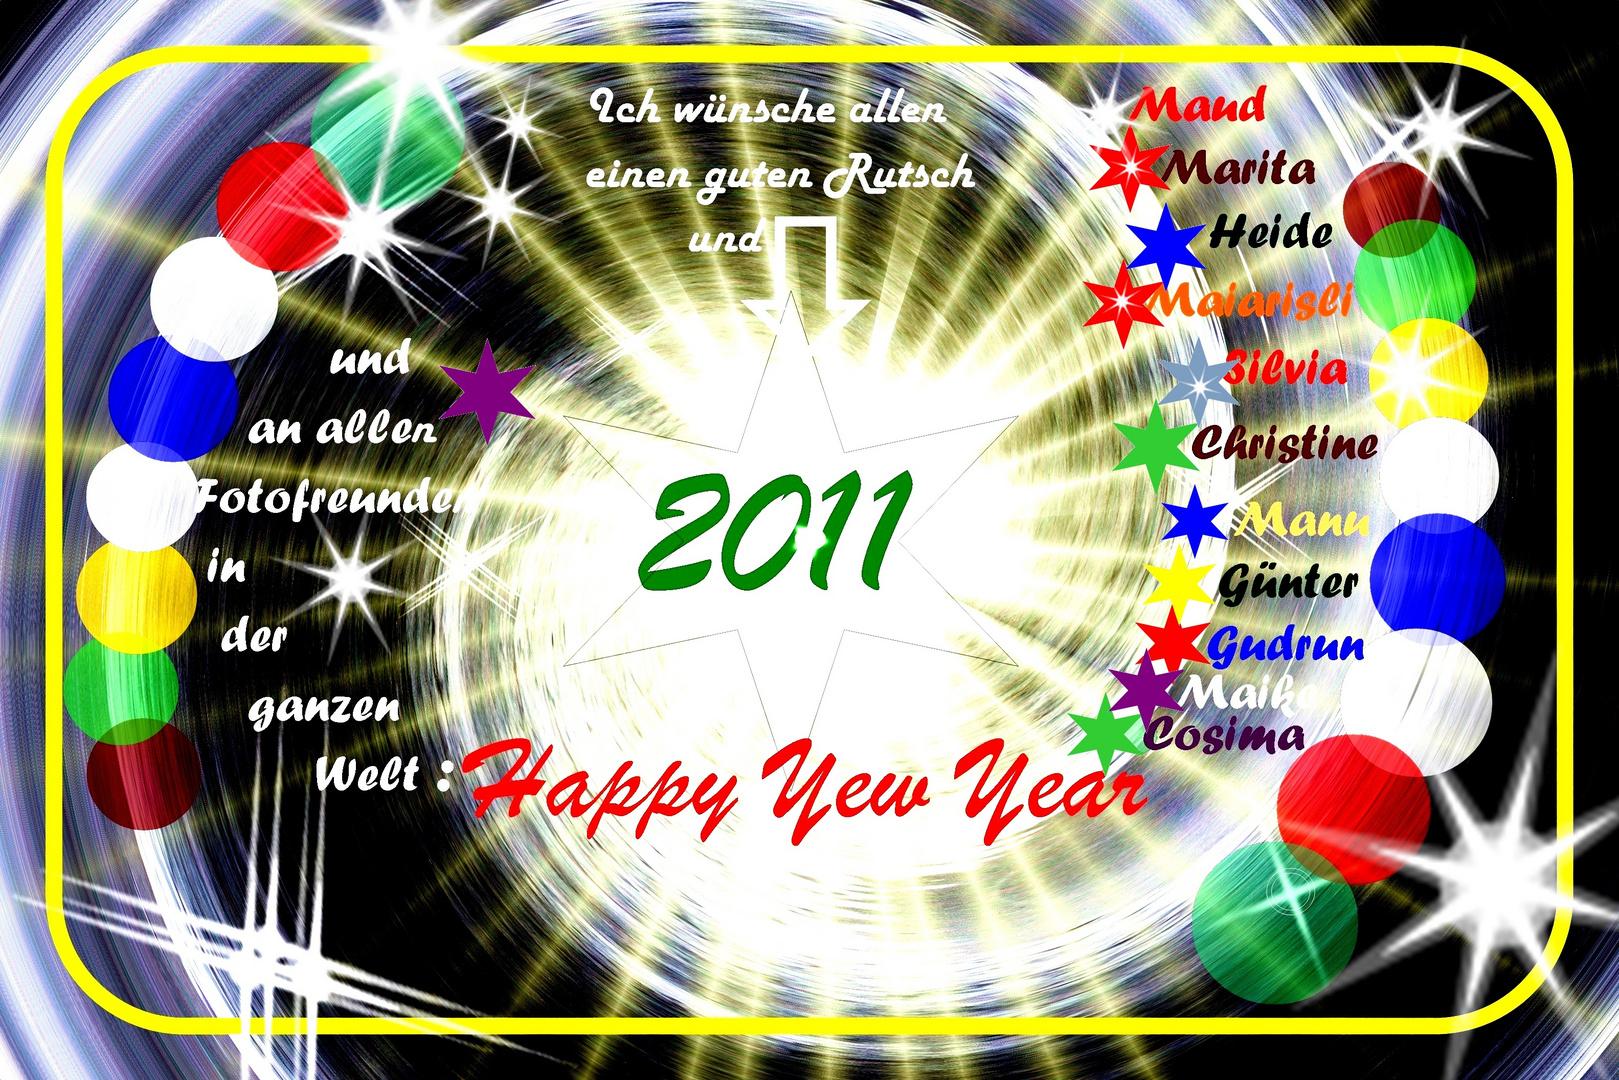 Rutscht am 31. 12. gut ins Neue Jahr !!!